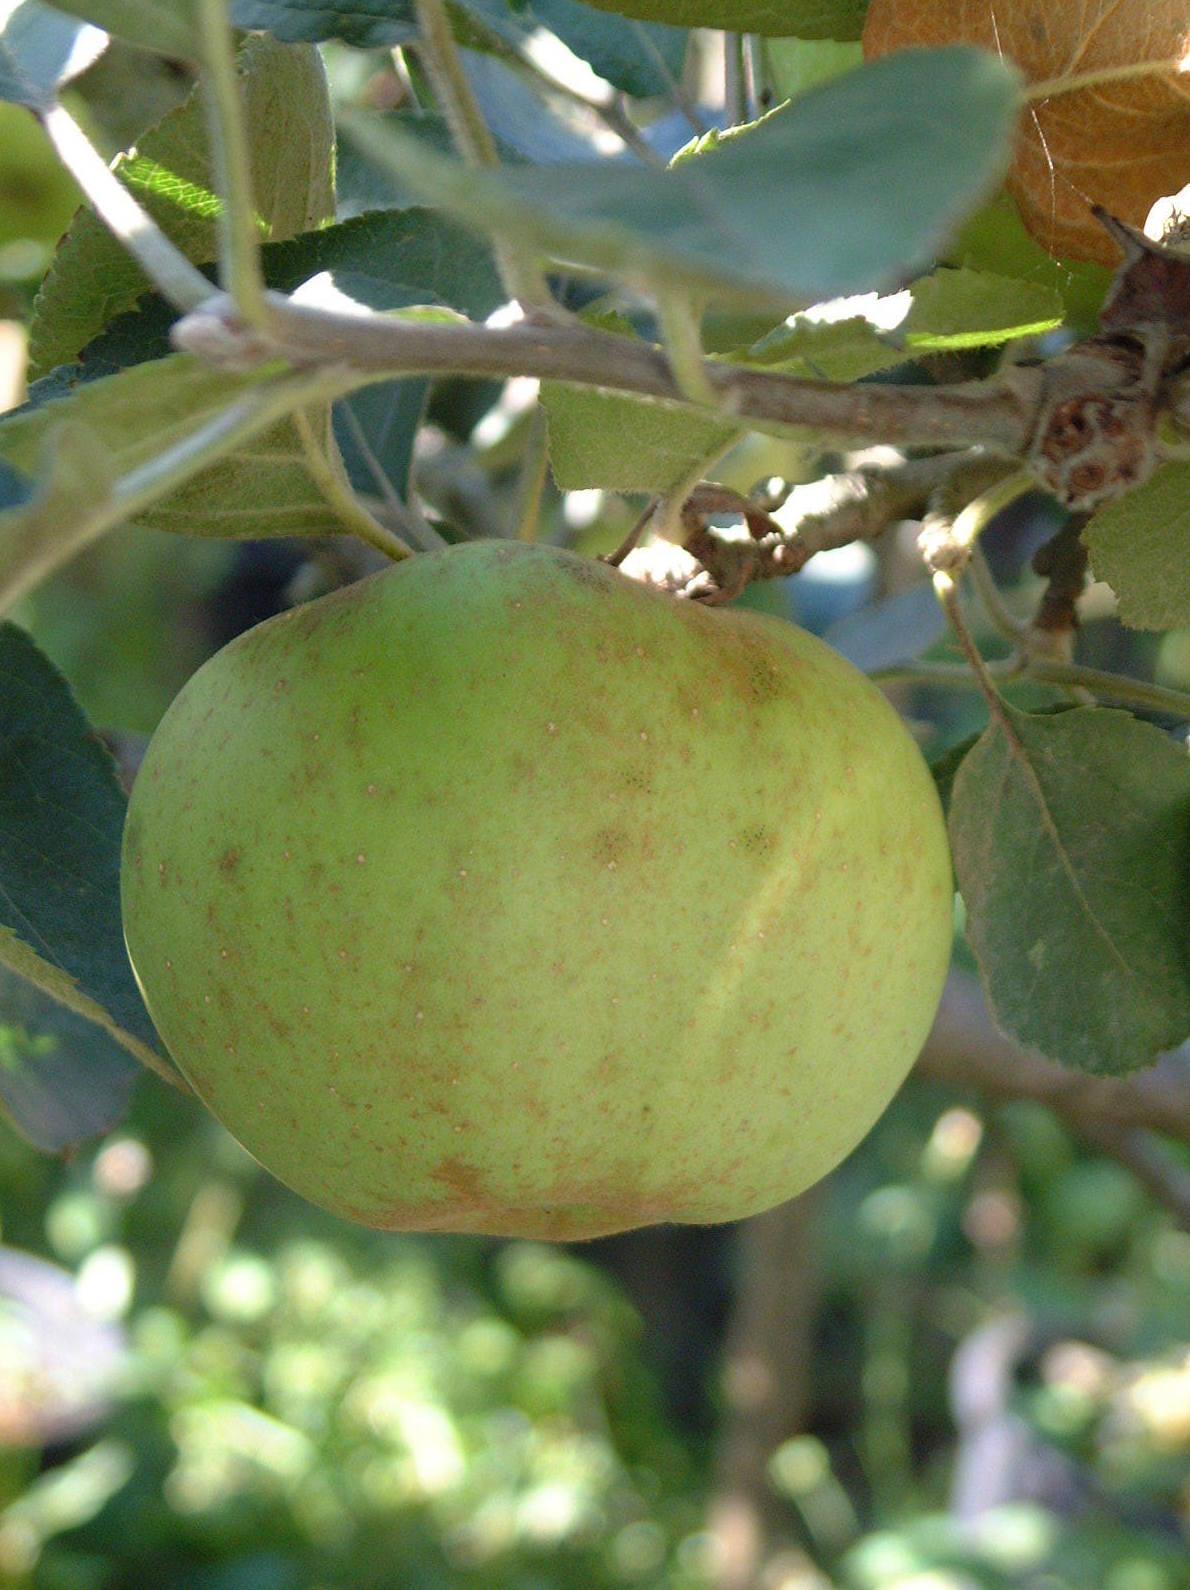 Hortícola: Servicios de Jardinería Ártabro